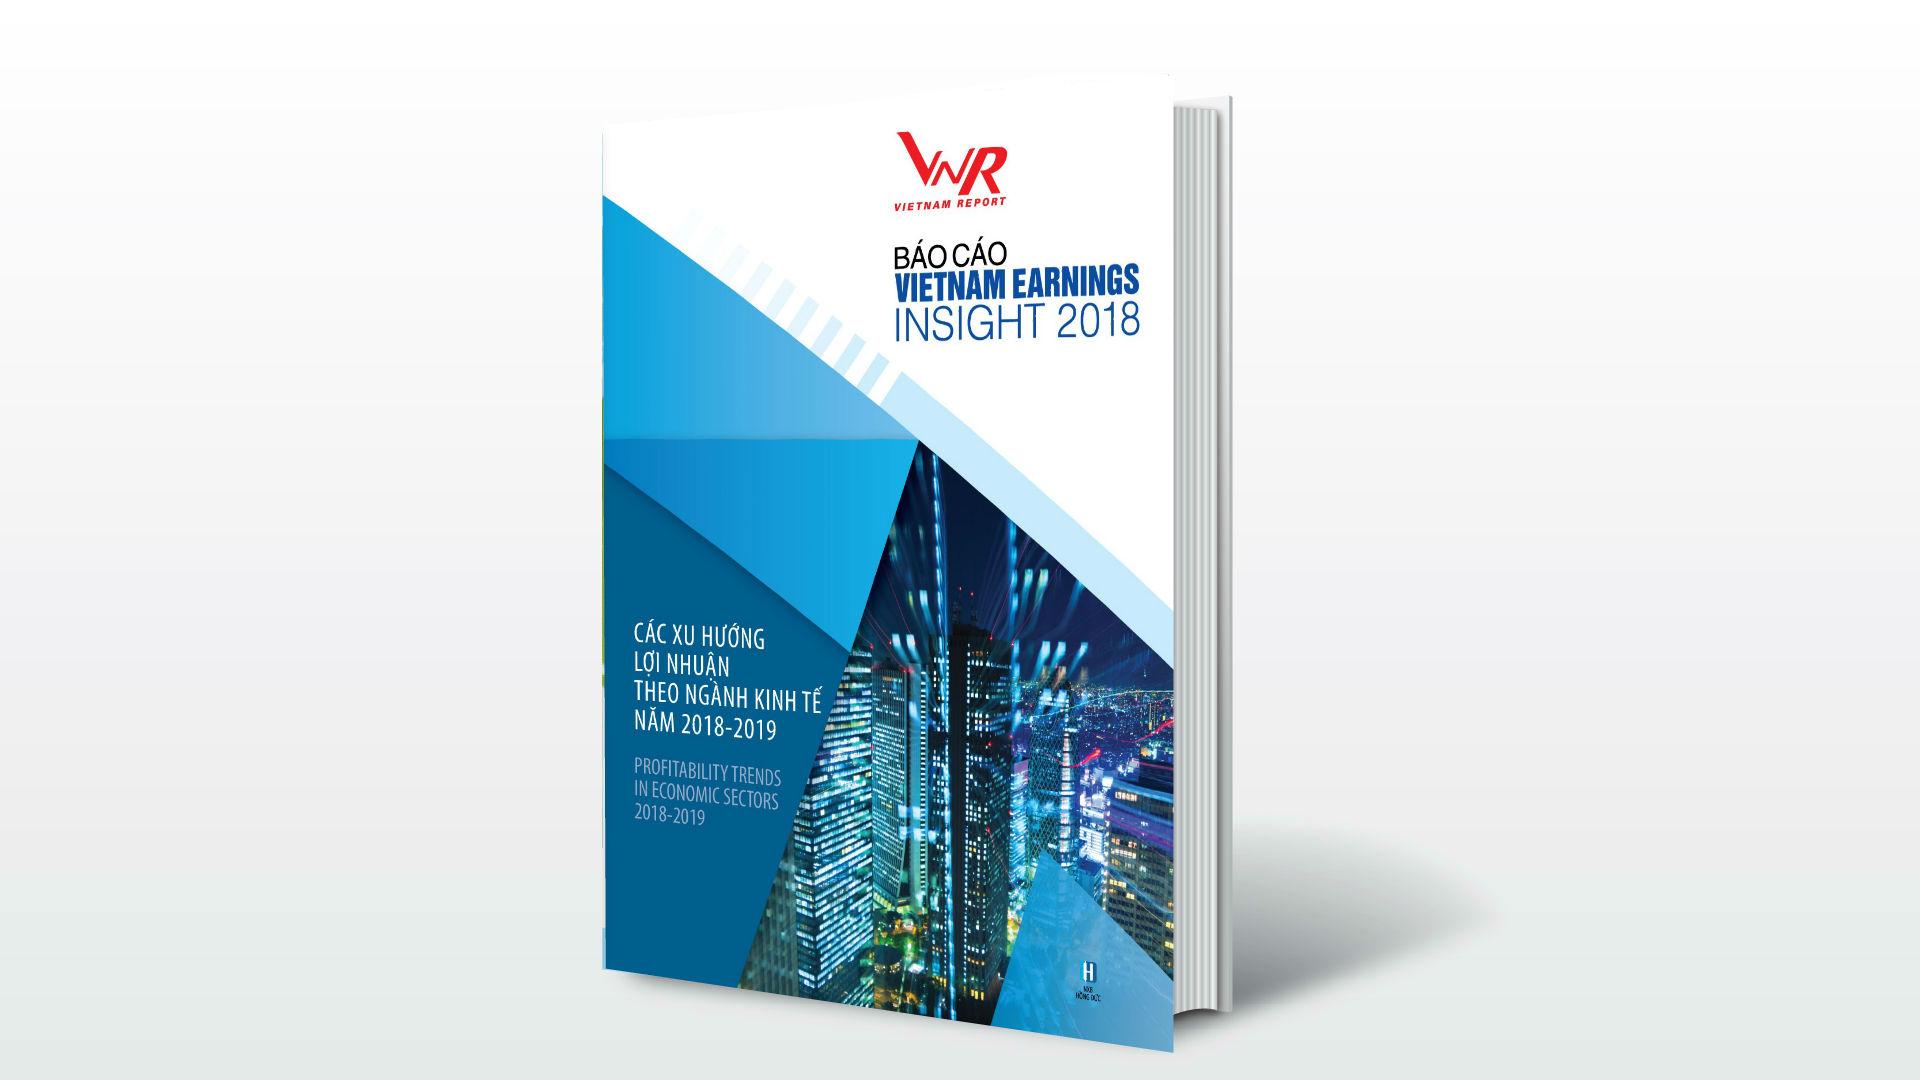 29/11/2018: Báo cáo thường niên Vietnam Earnings Insight 2018: Các xu hướng lợi nhuận theo ngành kinh tế năm 2018-2019